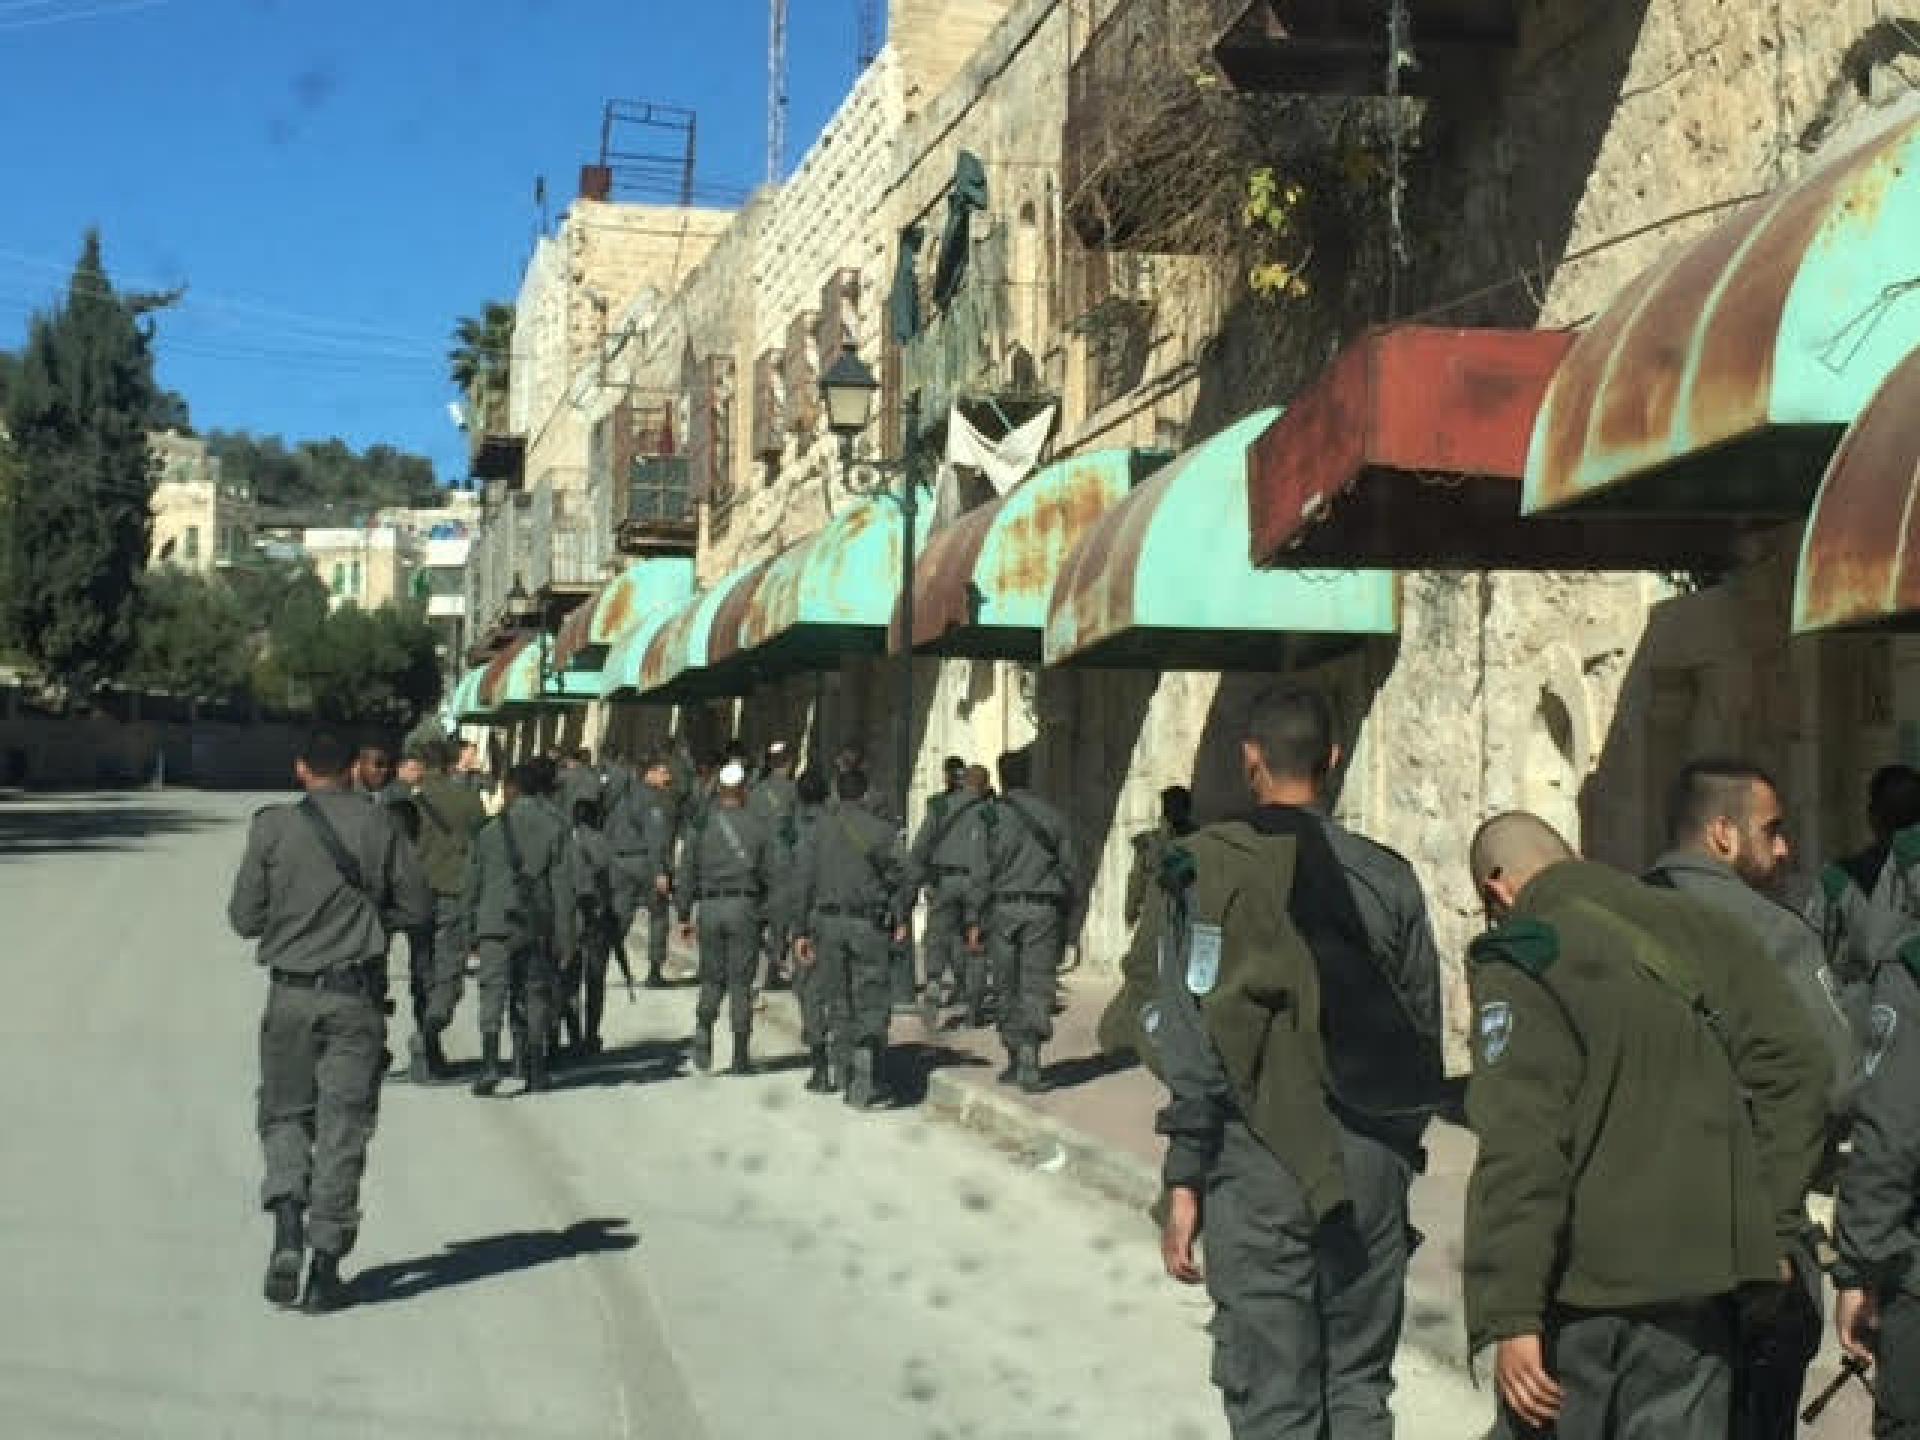 פלוגה חדשה של משמר הגבול נכנסת לחברון ומקבלת הסברים